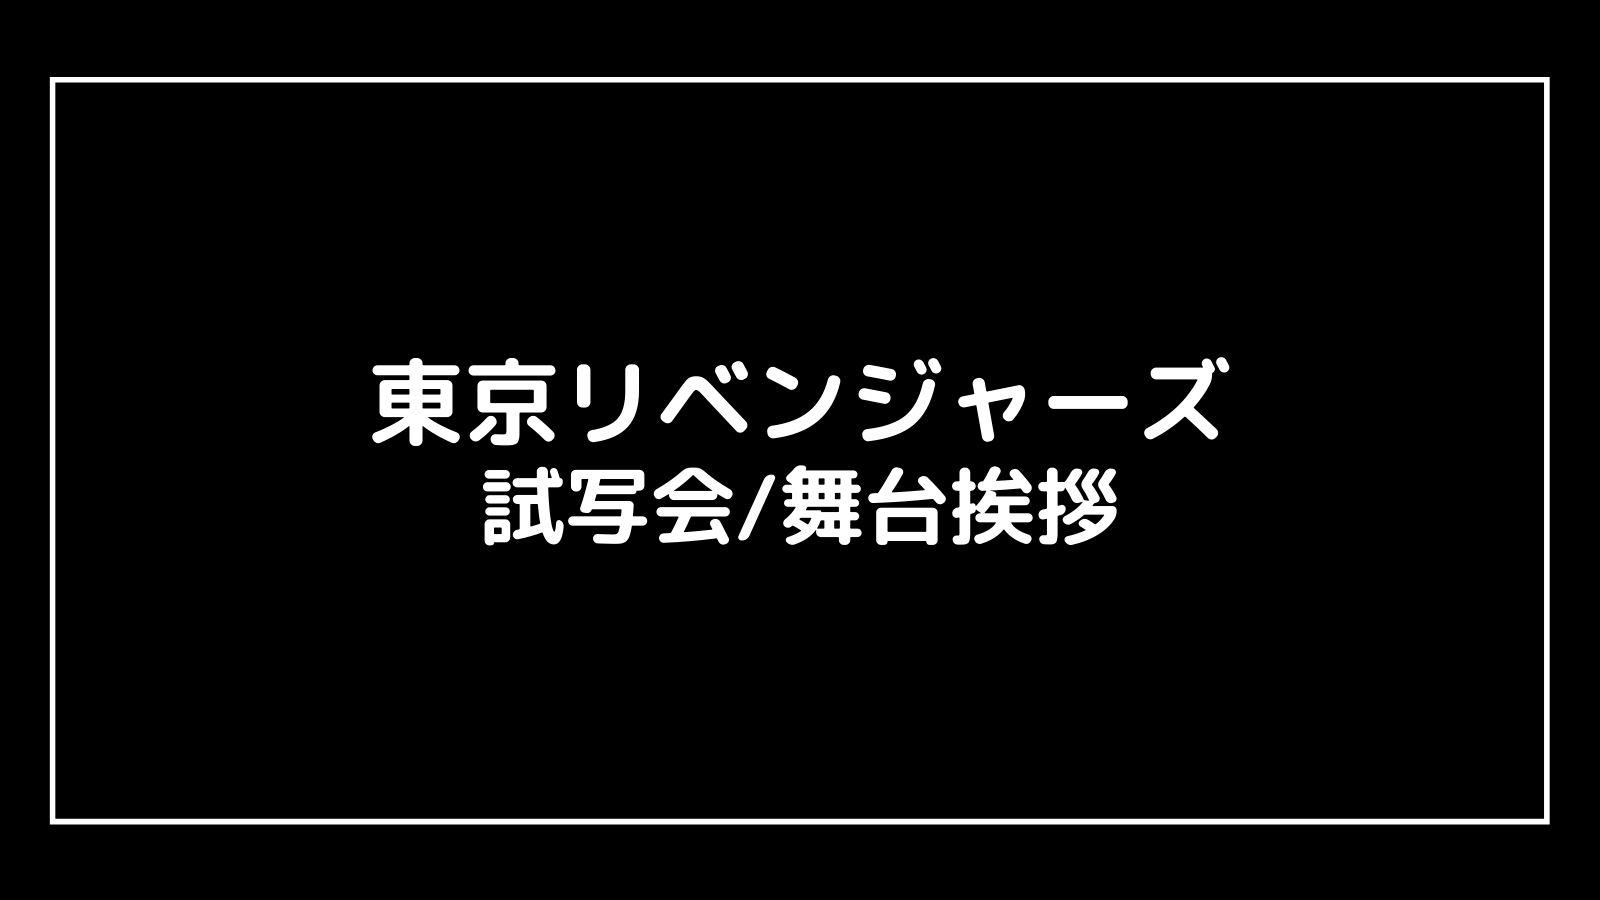 映画『東京リベンジャーズ』の試写会と舞台挨拶ライブビューイング情報